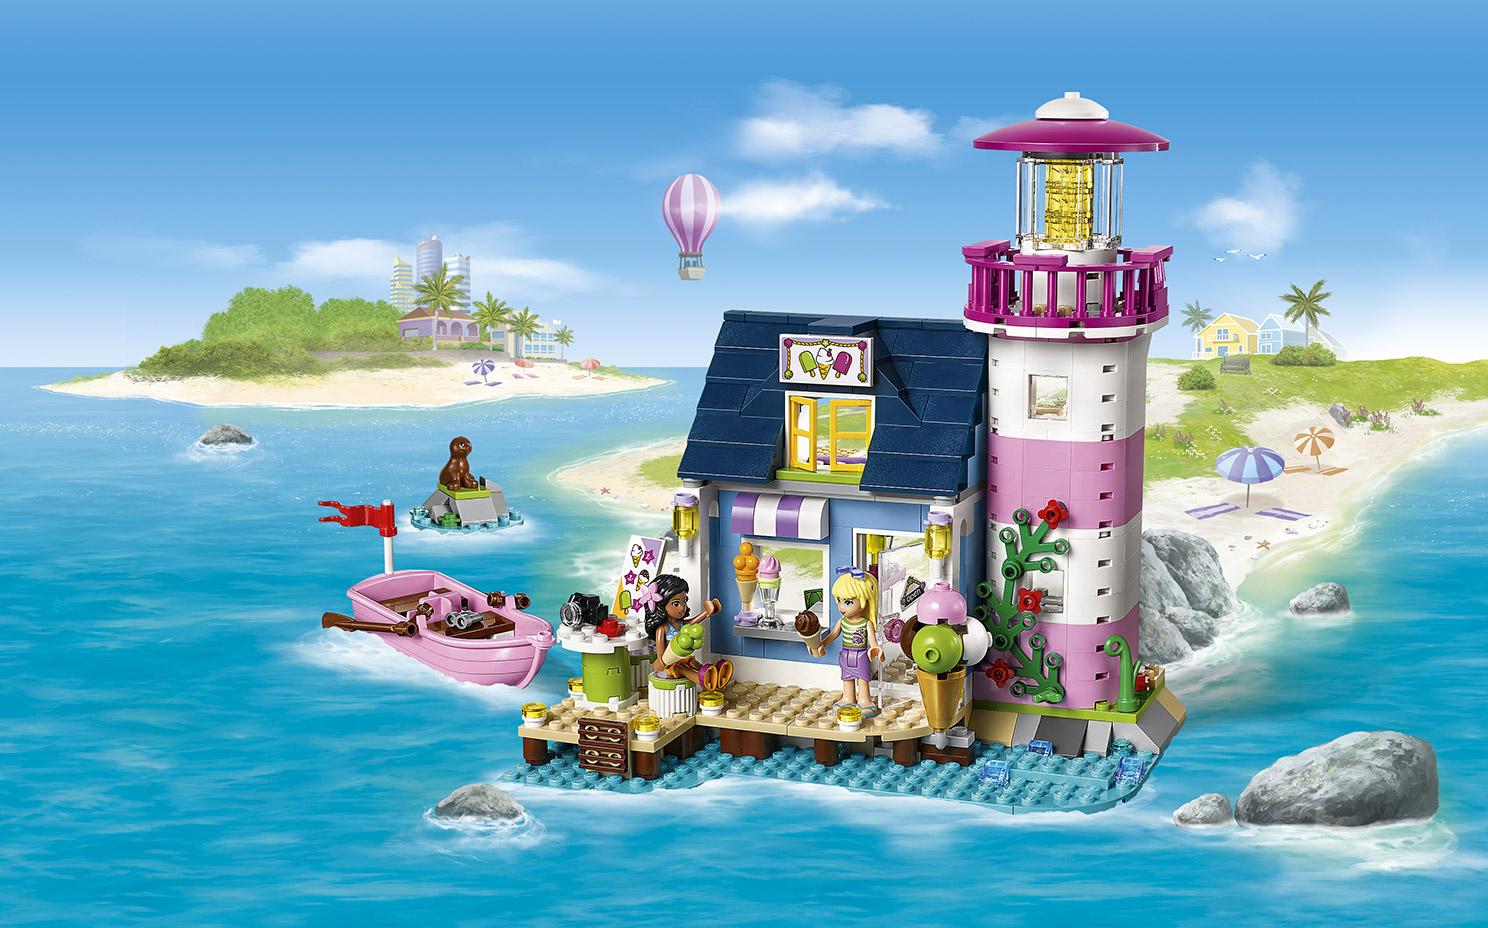 41094 Le phare de Heartlake City   Wiki LEGO   FANDOM powered by Wikia 46d19232c104